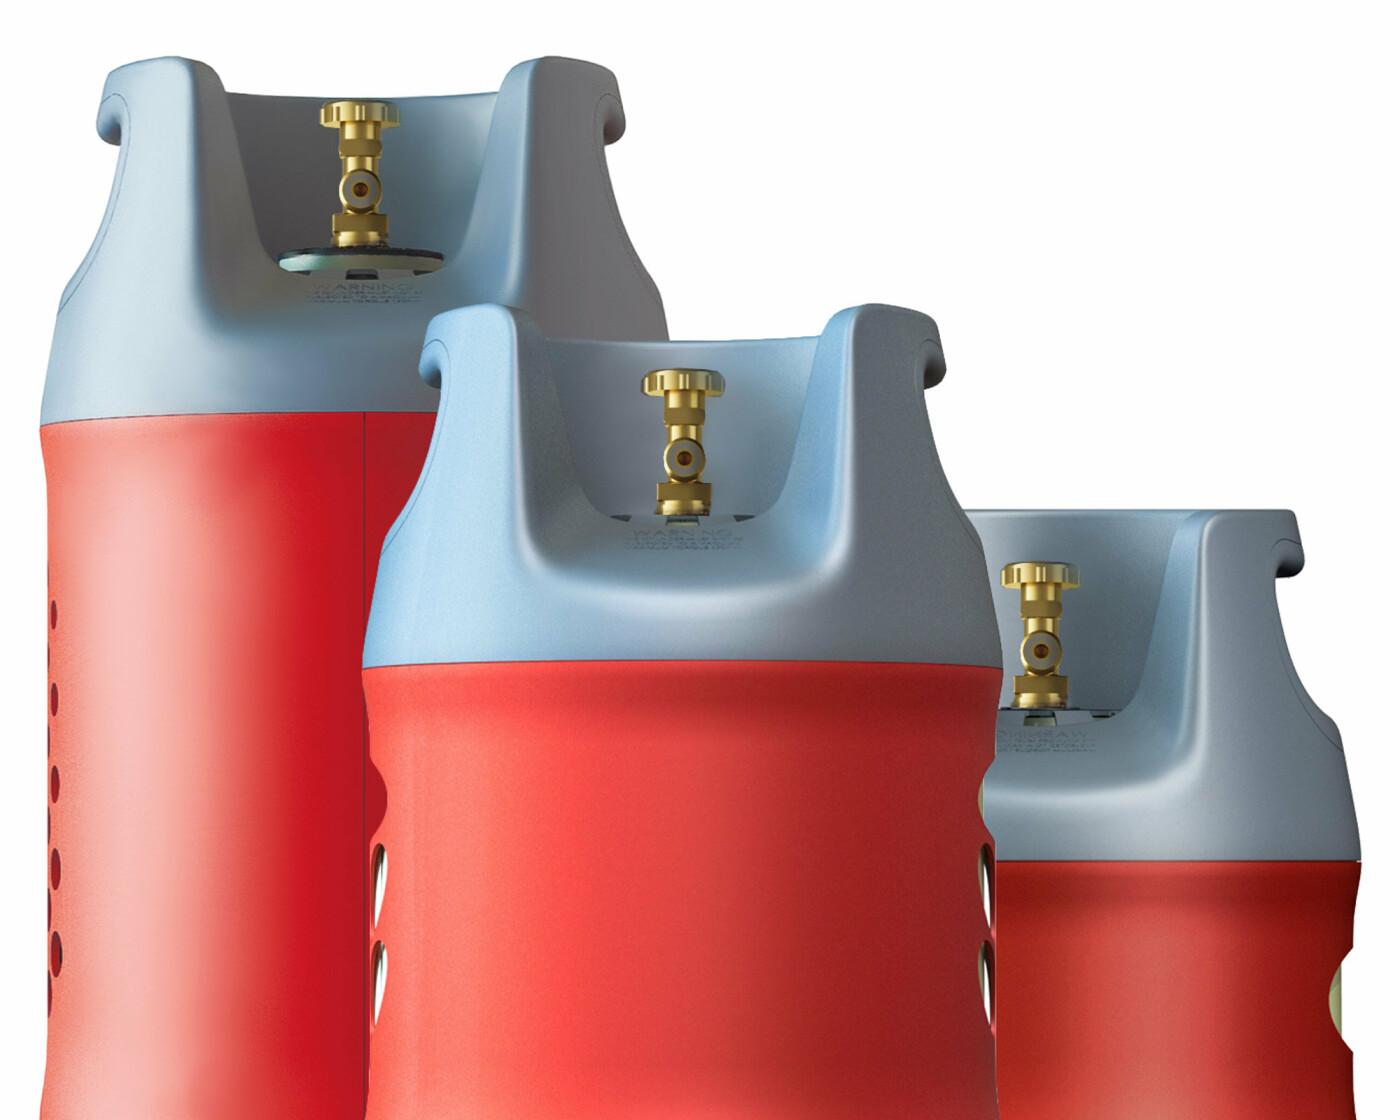 Уникальные газовые баллоны для гриля, фото-1